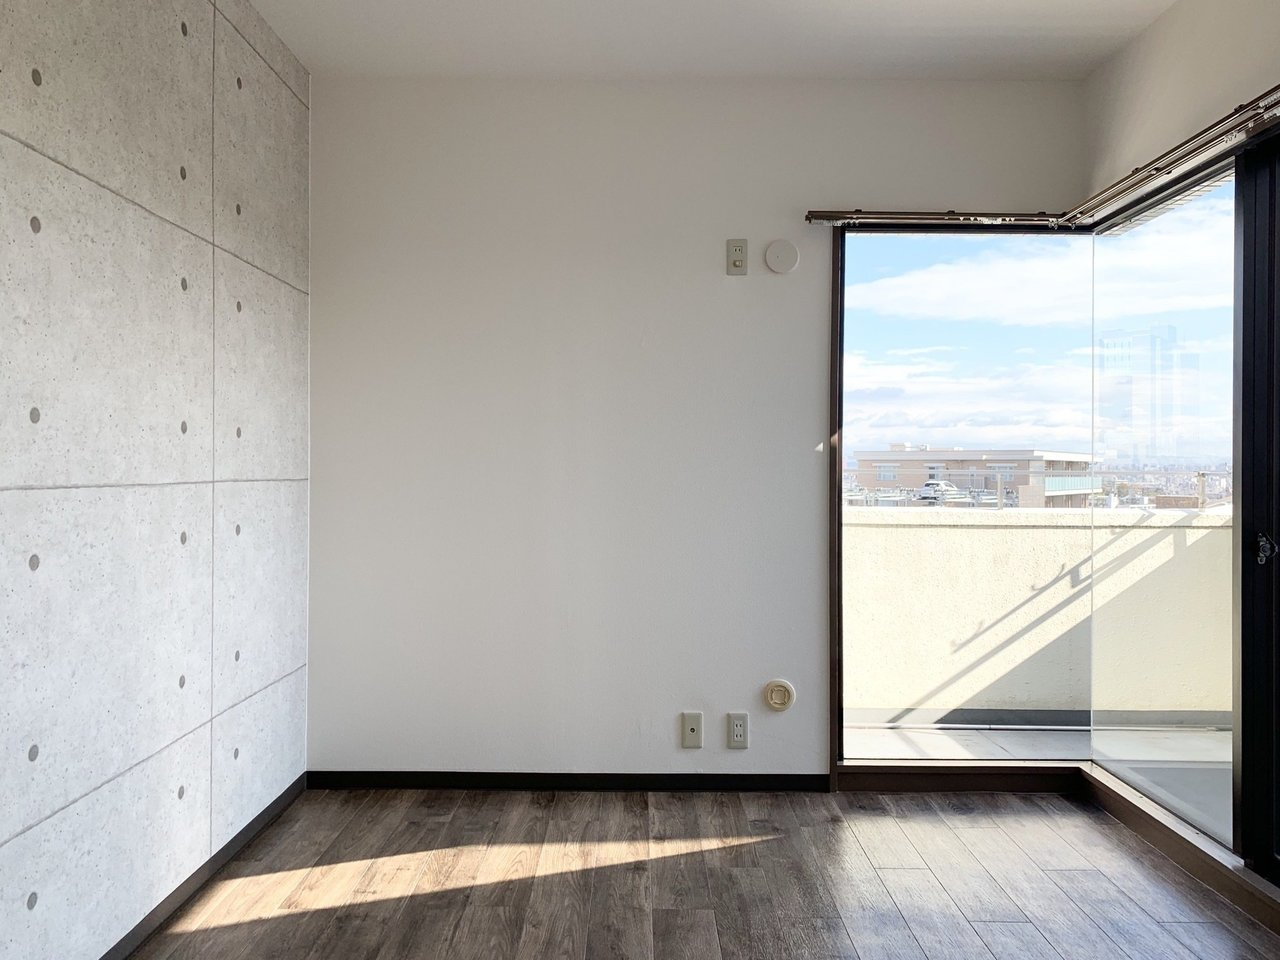 リビングも個室も窓が大きく、明るい光が差し込んできます。どこの部屋にいても、心地よく過ごせそうな、そんなお部屋です。